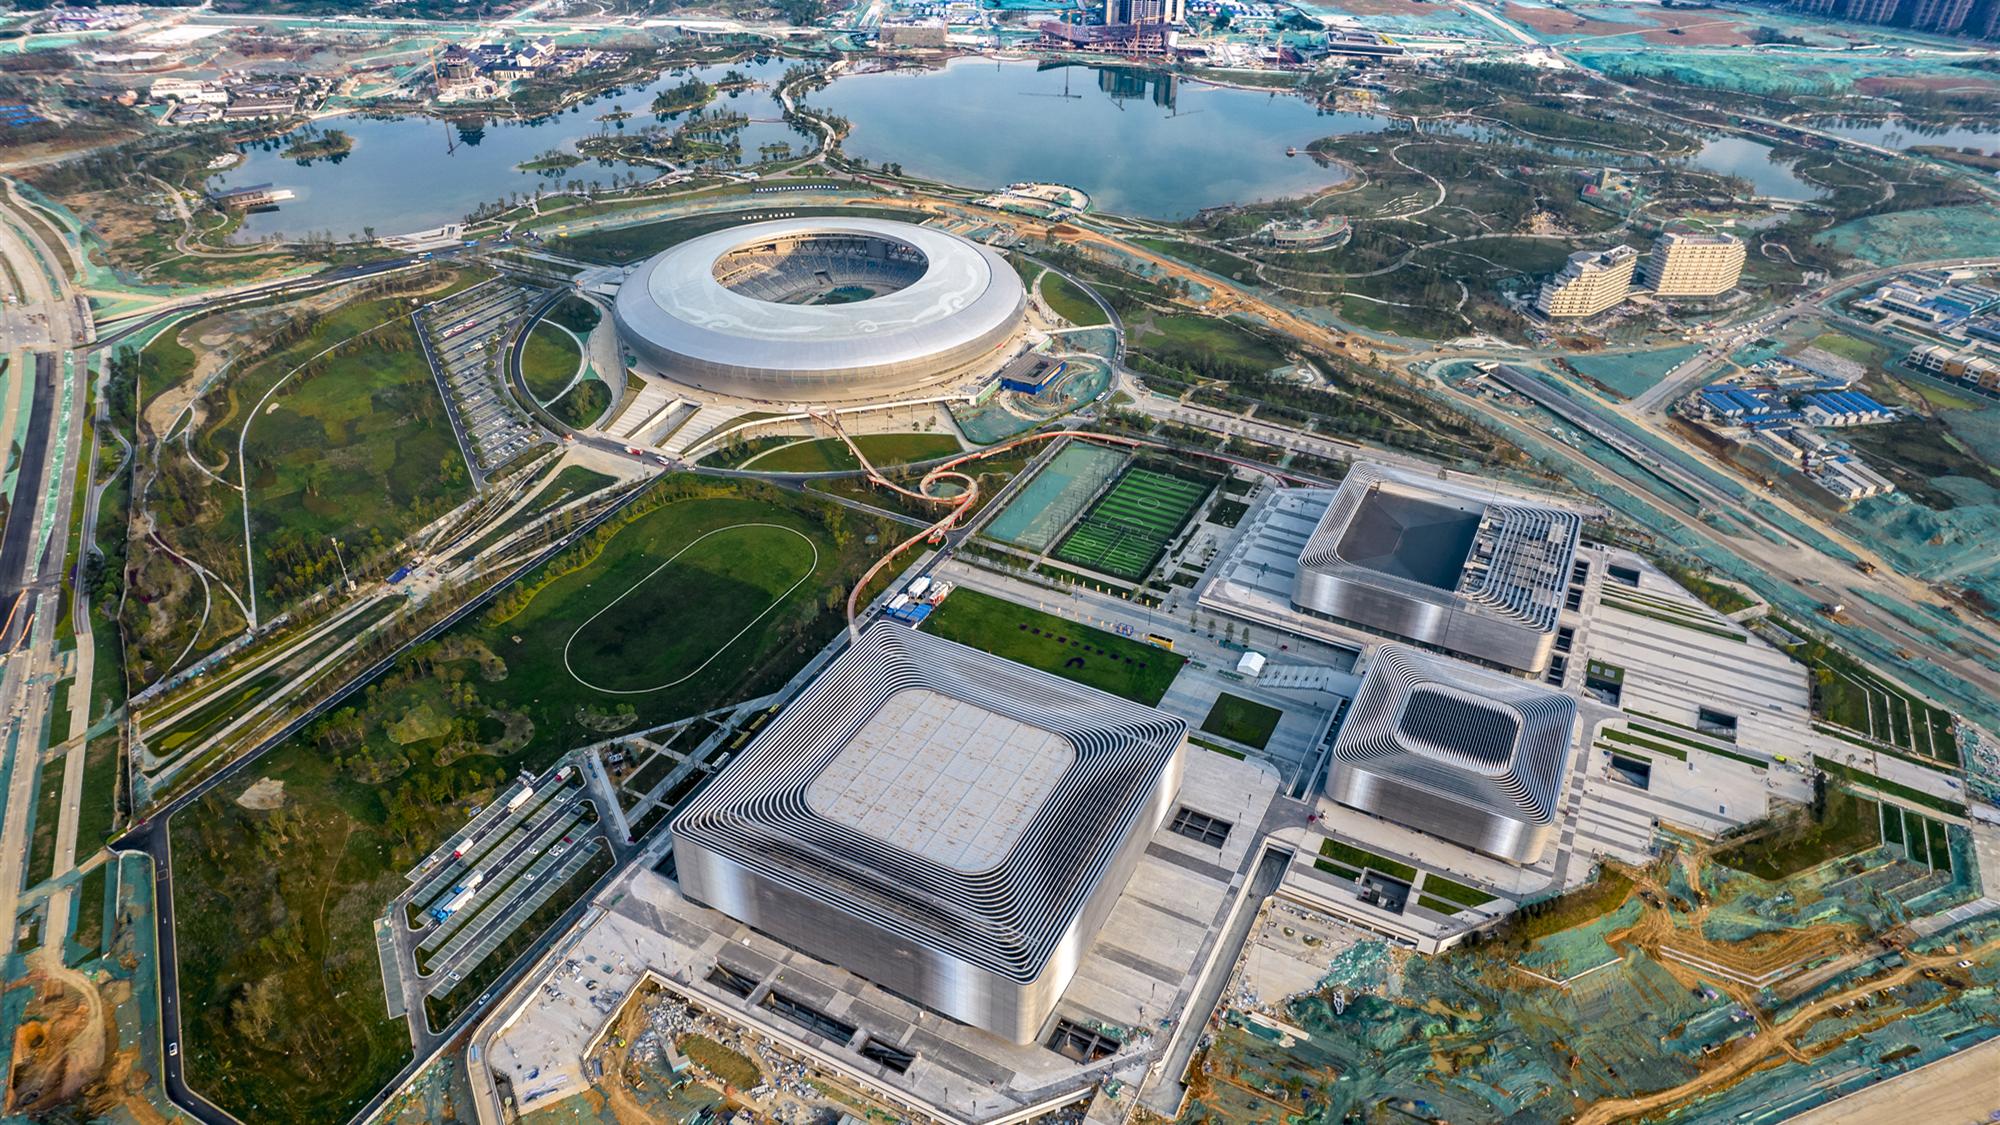 举全市之力办一届精彩圆满的国际体育盛会!施小琳专题调研大运会筹备工作,要求坚持高标准高质量,做大做强赛事经济,持续增强城市功能